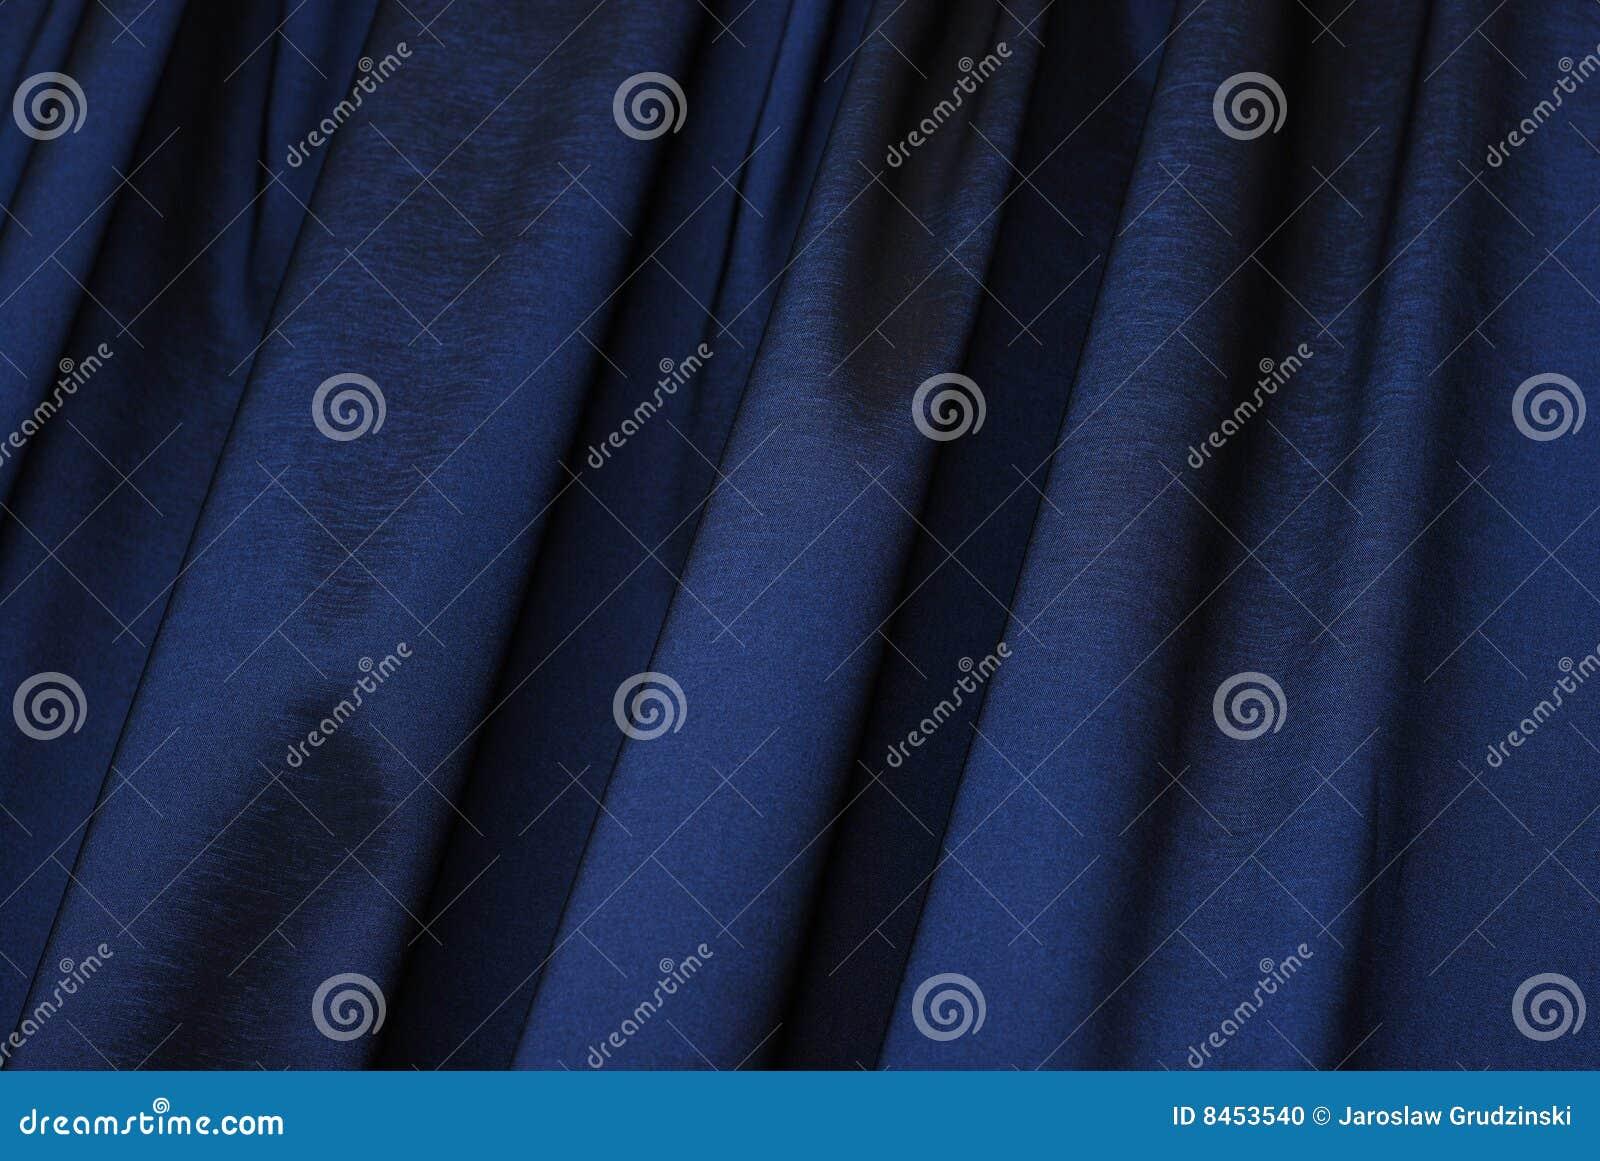 Blå gardin för bakgrund